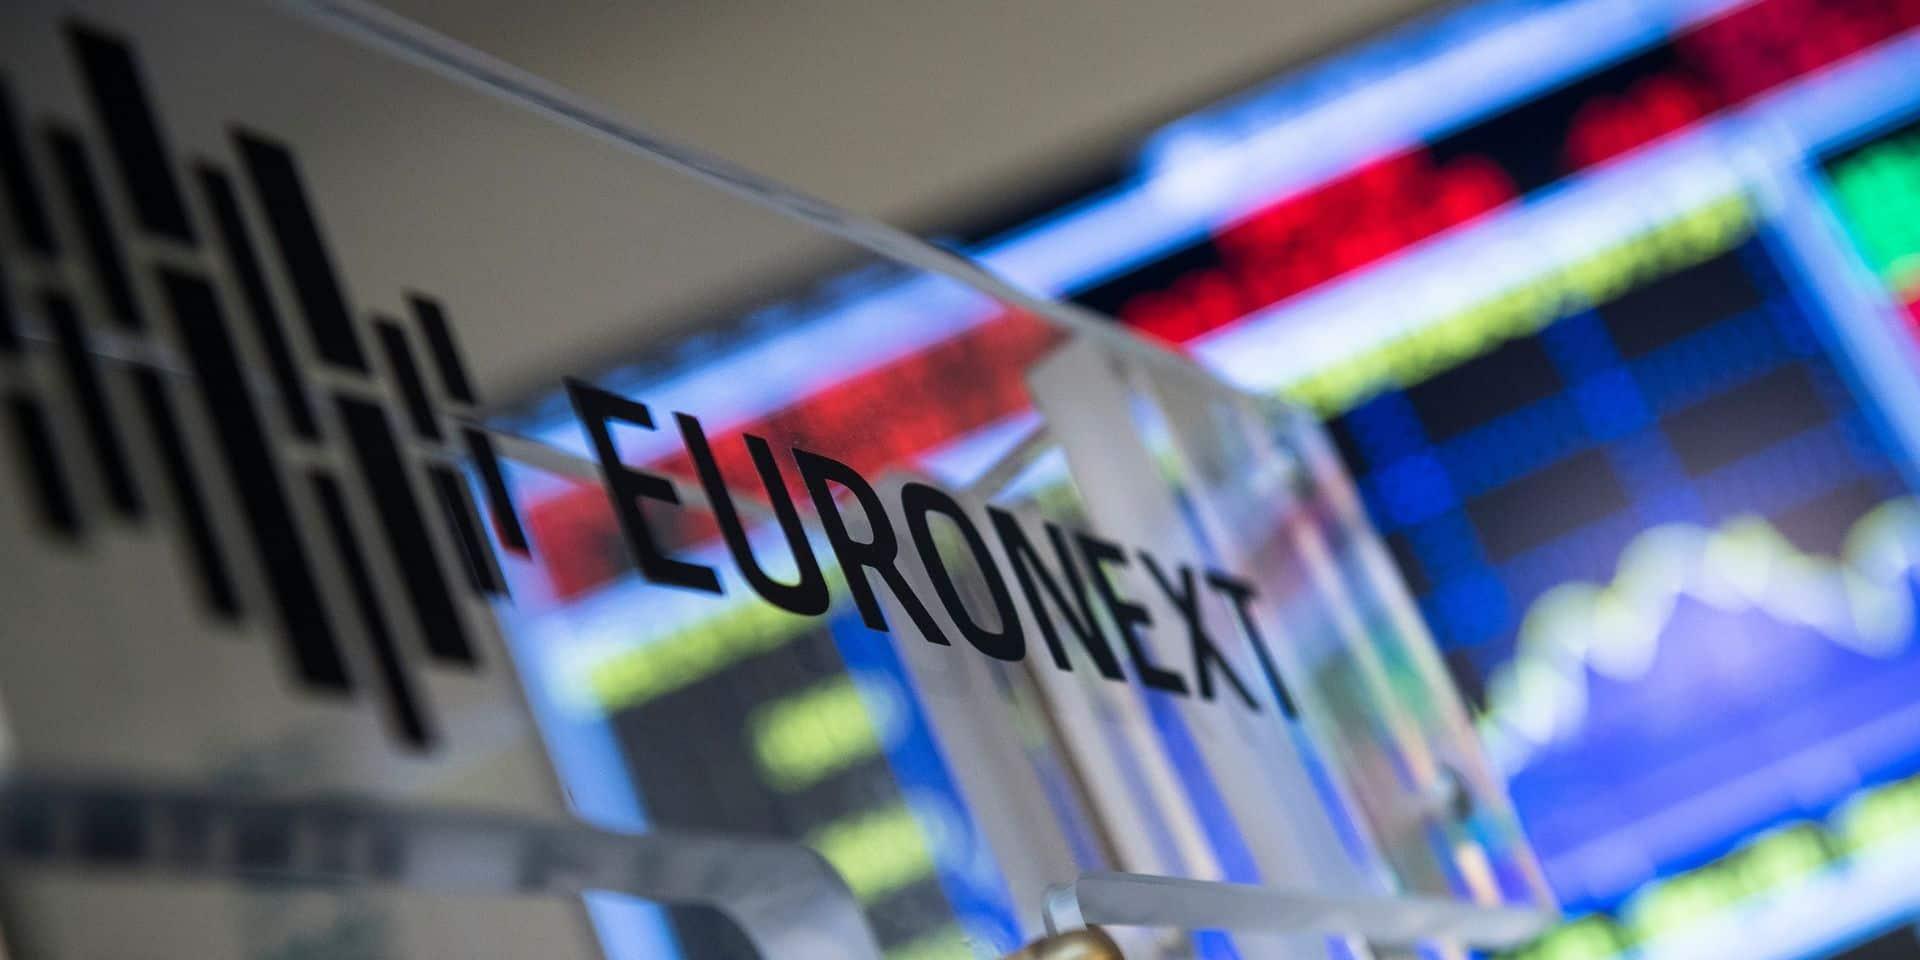 Les marchés européens clôturent en légère hausse, après un début de semaine compliqué